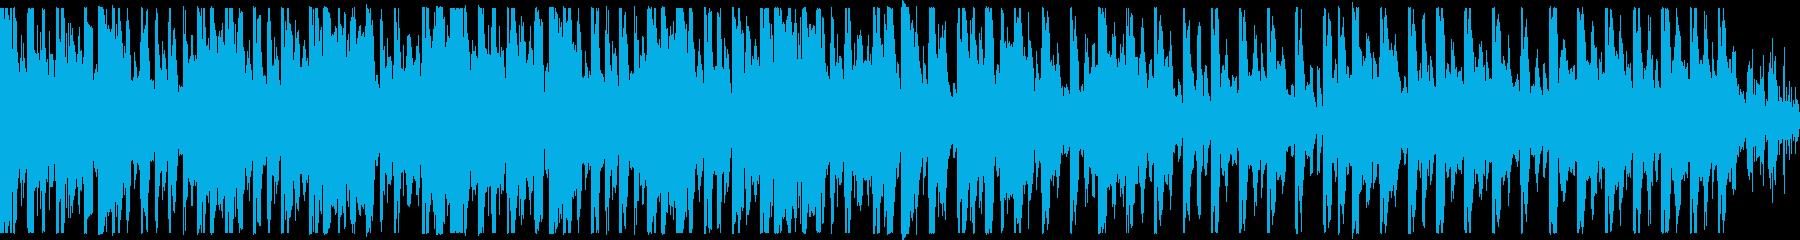 ループ、おしゃれ、ノリノリなBGMの再生済みの波形